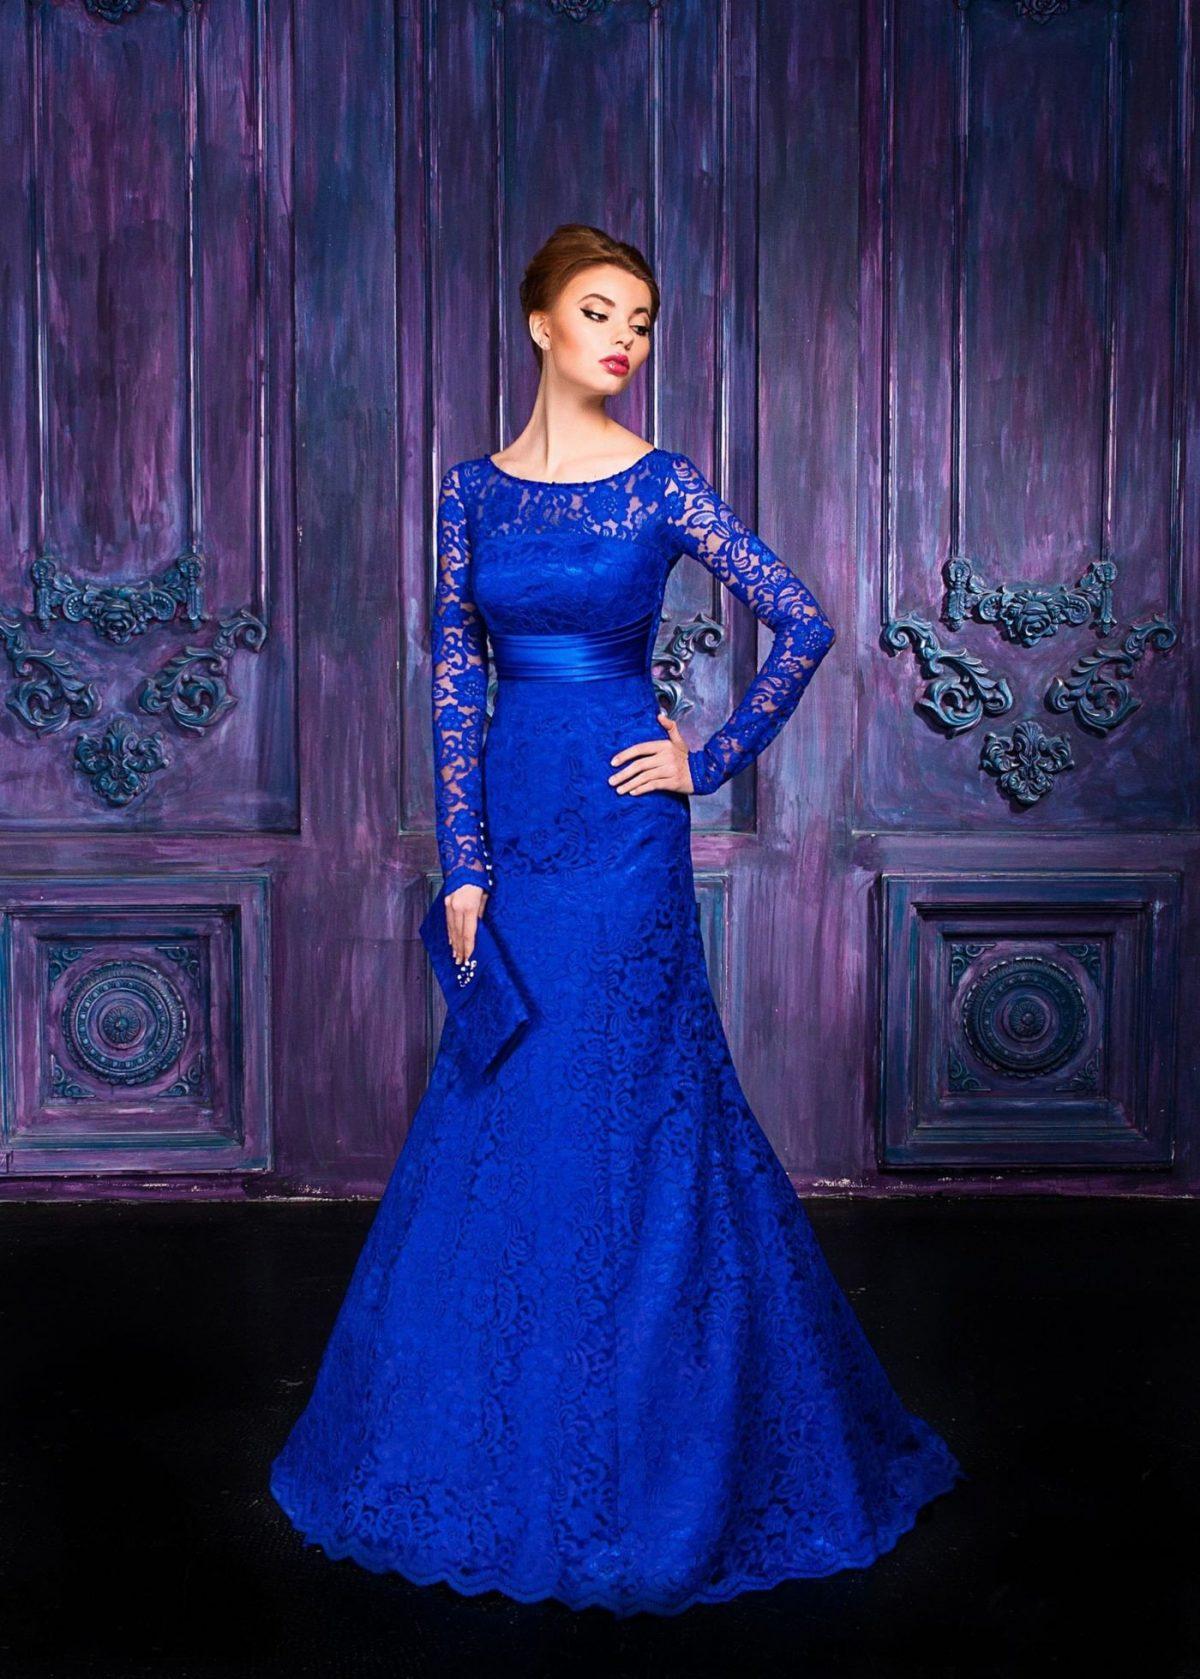 вечернее платье-рыбка  2018-2019 синее с рукавом длинным ажурным